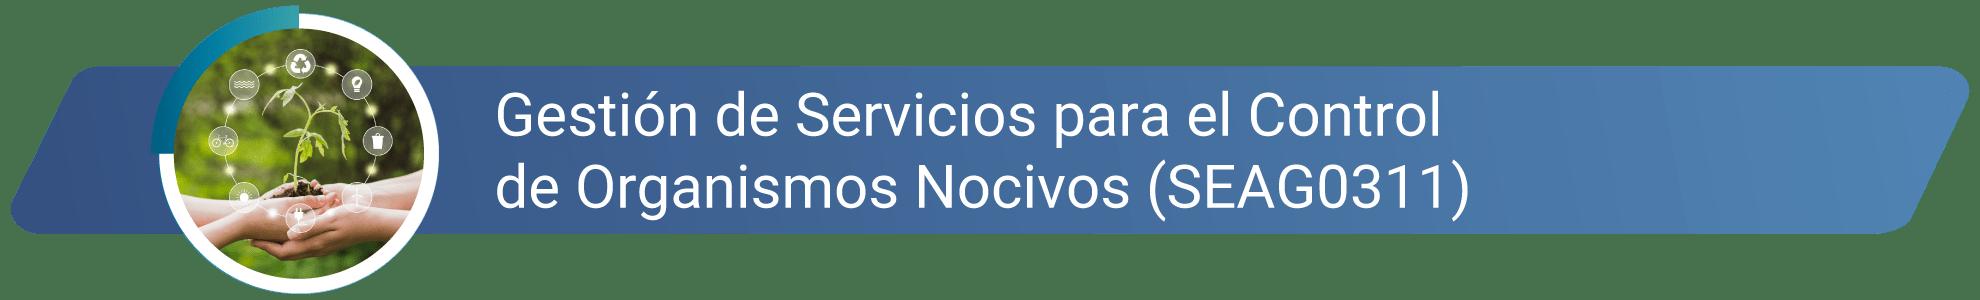 SEAG0311 - Gestion de servicios para el control de organismos nocivos